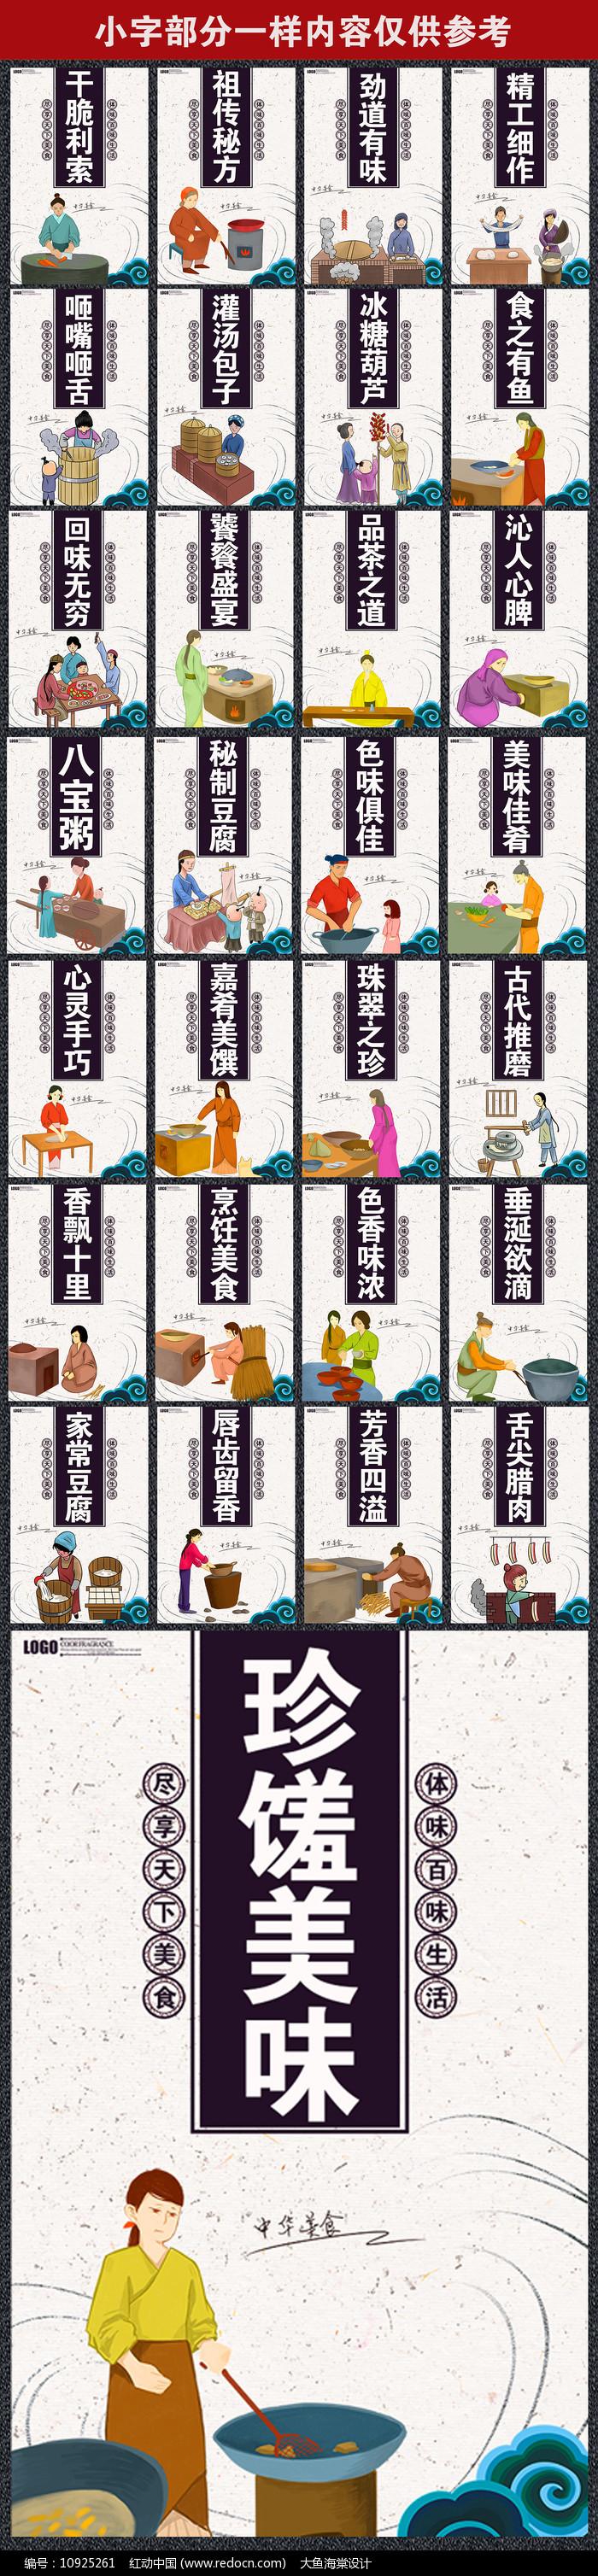 创意经典中国风美食挂画图片